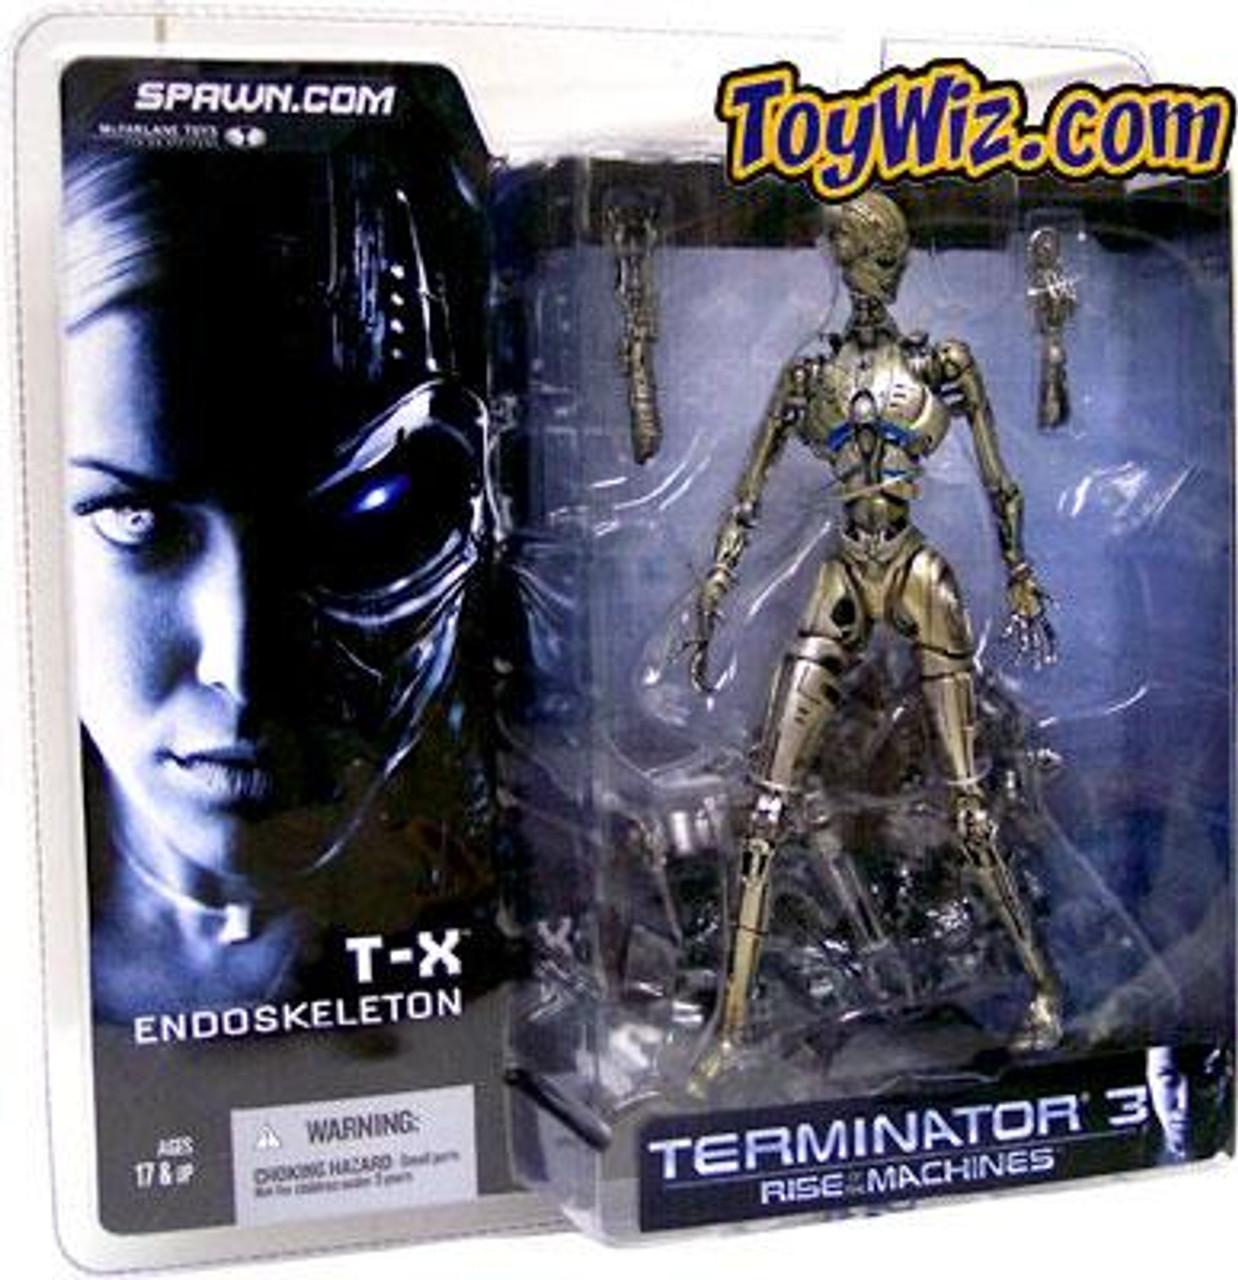 McFarlane Toys Terminator Rise of the Machines T-X Endoskeleton Action Figure